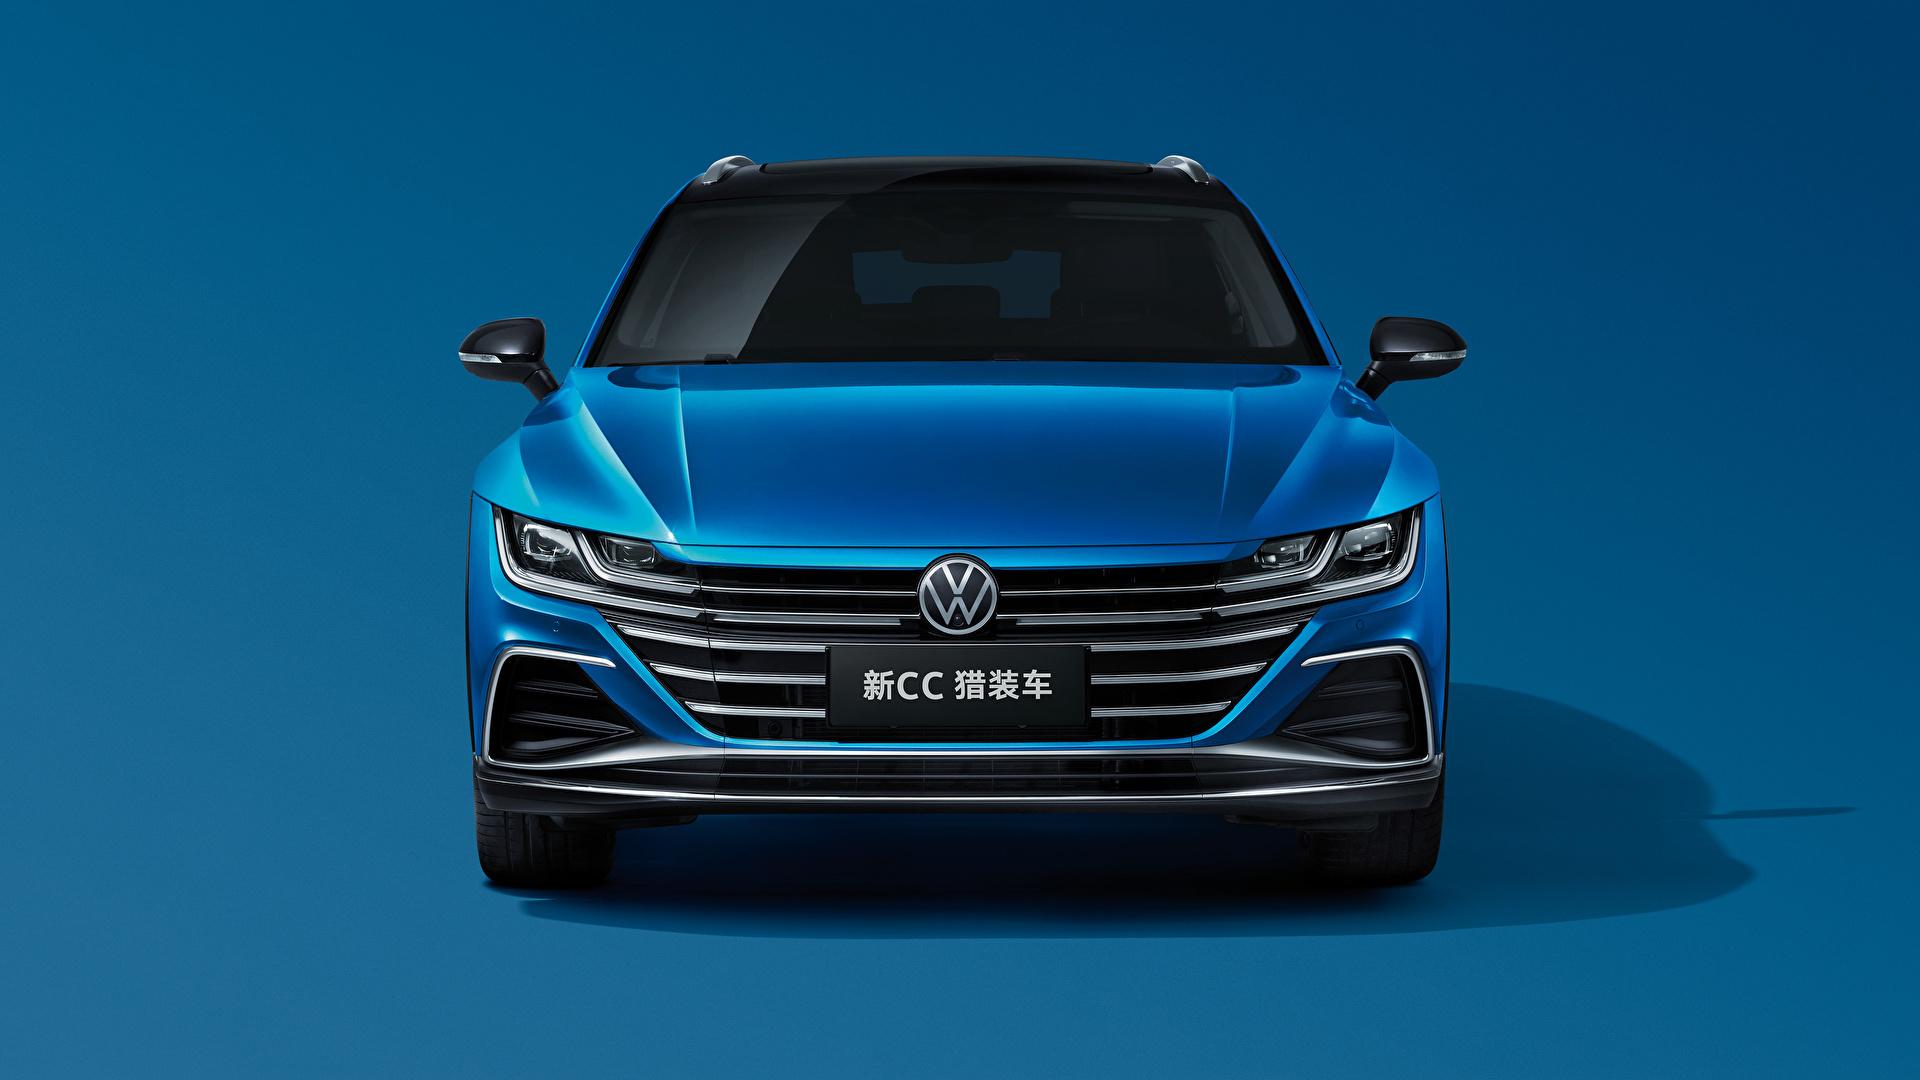 Картинка Фольксваген Универсал CC Shooting Brake 380 TSI, China, 2020 синие авто Спереди Металлик Цветной фон 1920x1080 Volkswagen синяя Синий синих машина машины Автомобили автомобиль